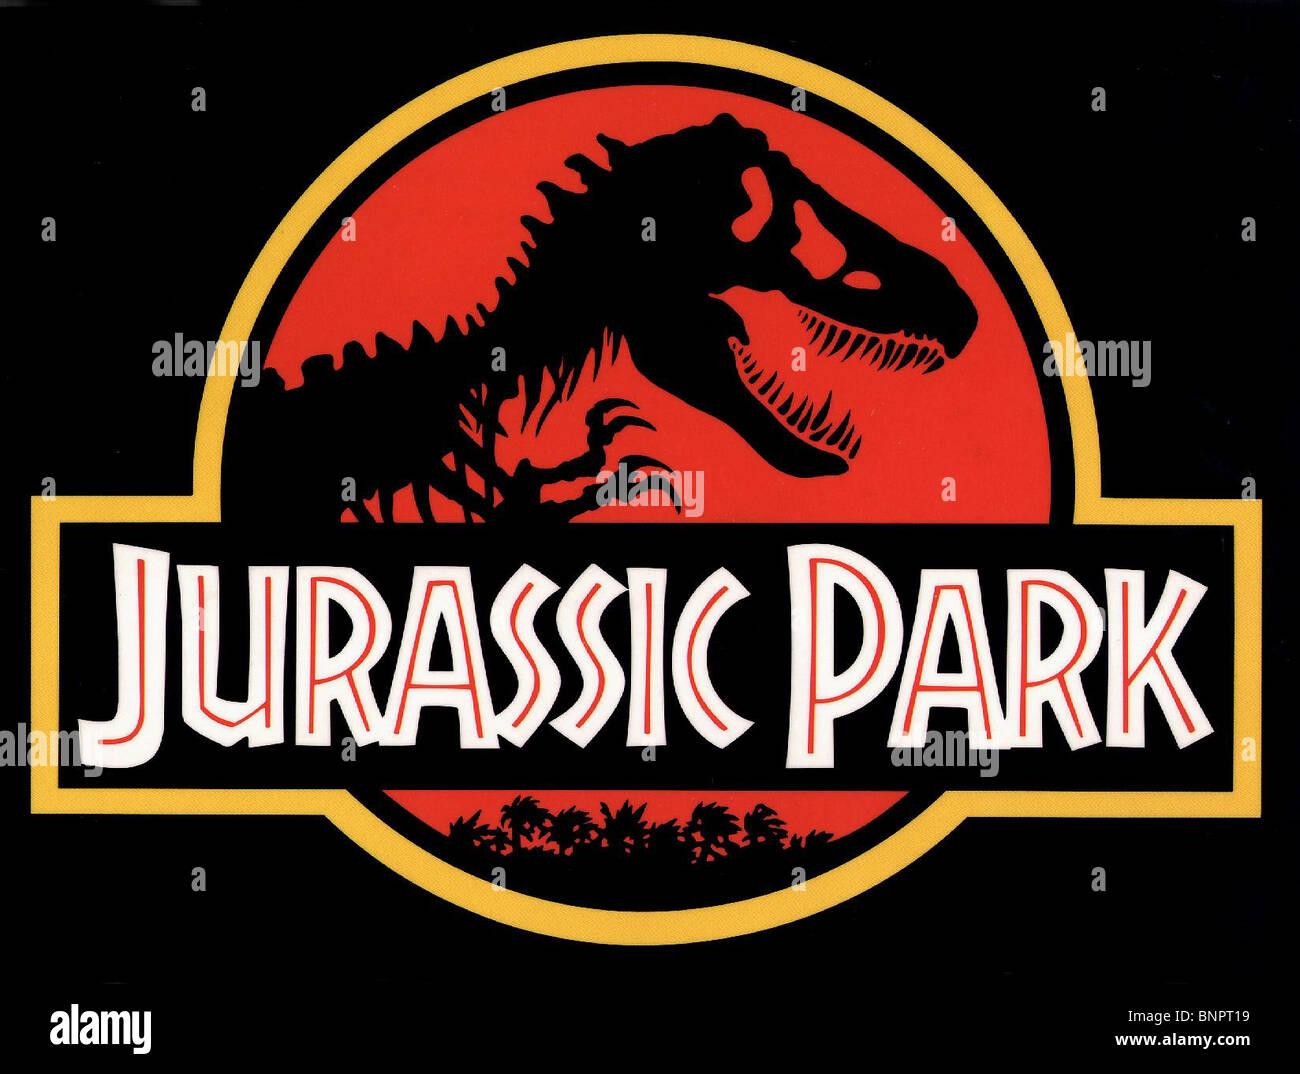 FILM ARTWORK JURASSIC PARK (1993) - Stock Image